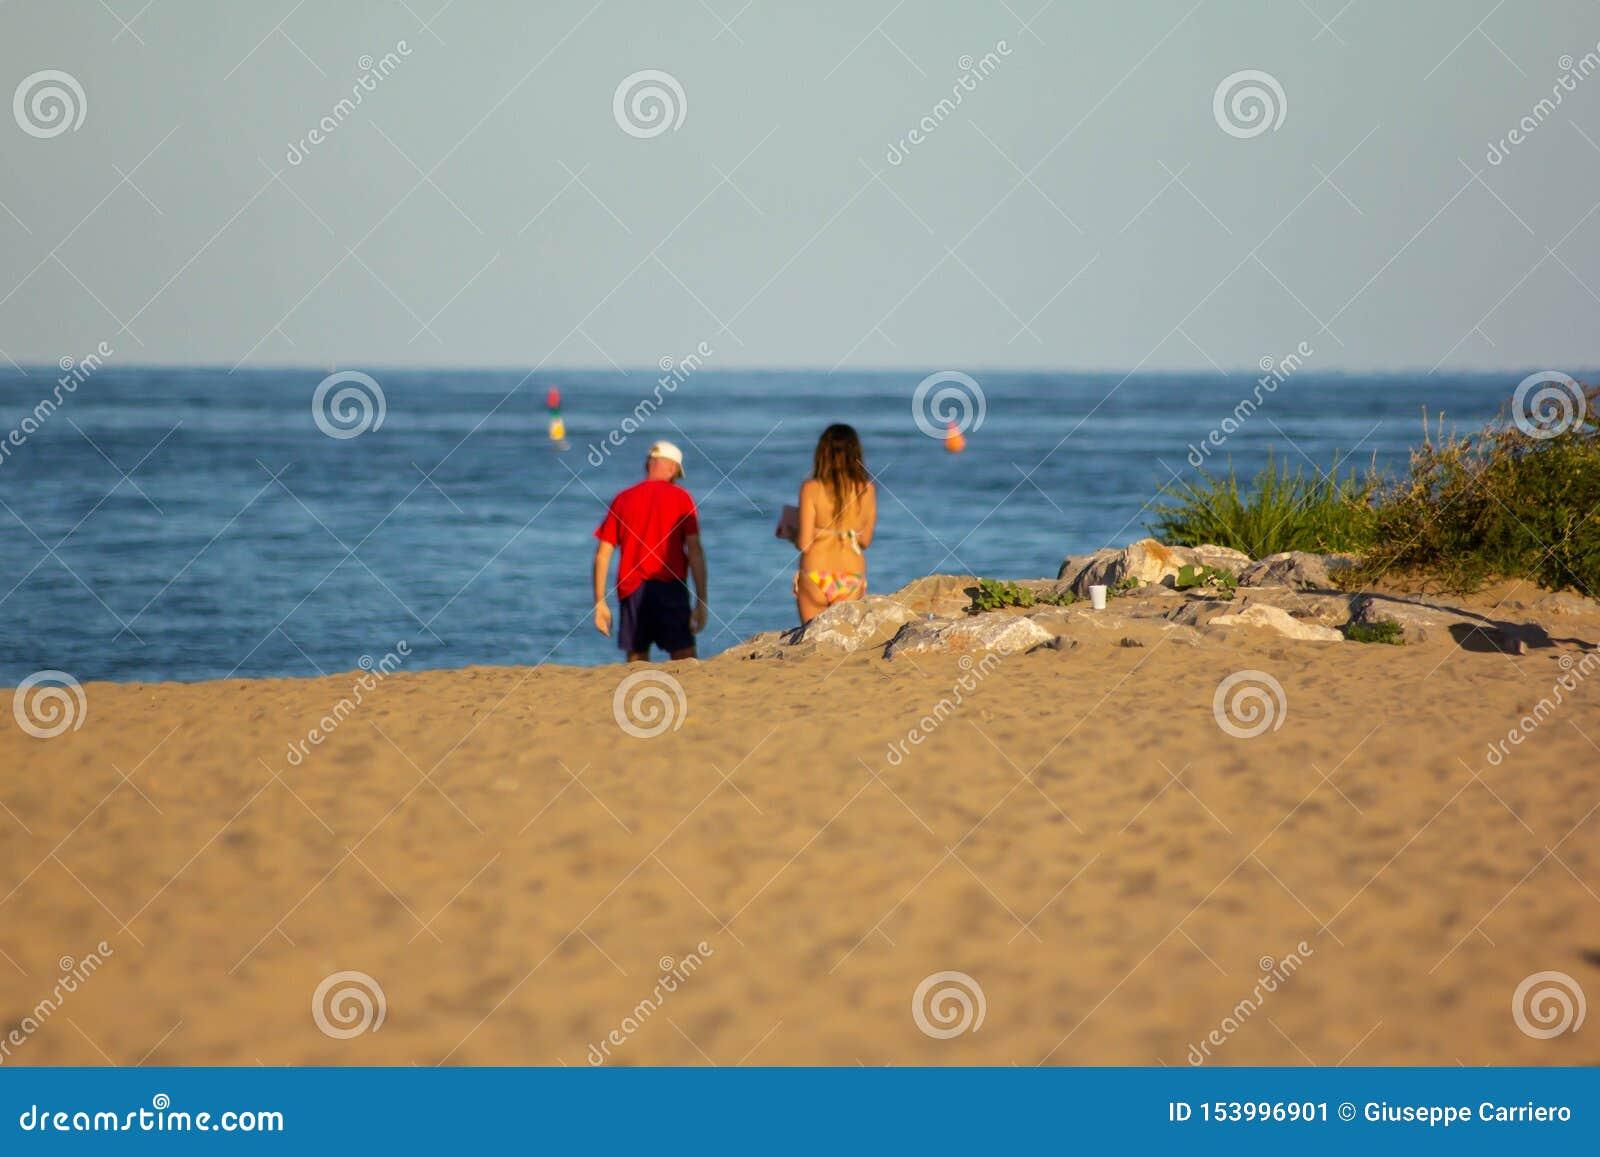 Verano Fondo foto modificada con la saturación de la playa y mar con el umbrellon